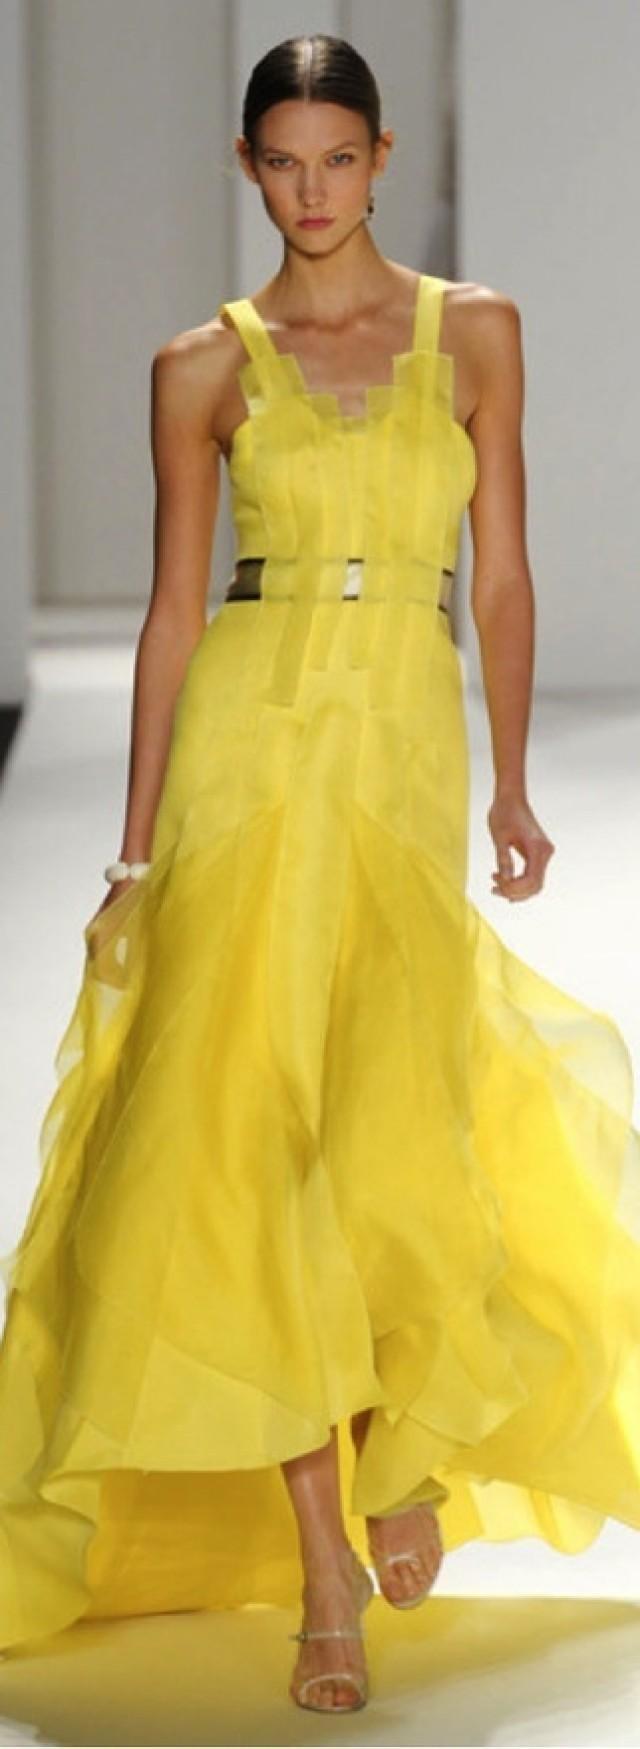 gelbe hochzeits kleider sehnsucht yellows 2087582. Black Bedroom Furniture Sets. Home Design Ideas